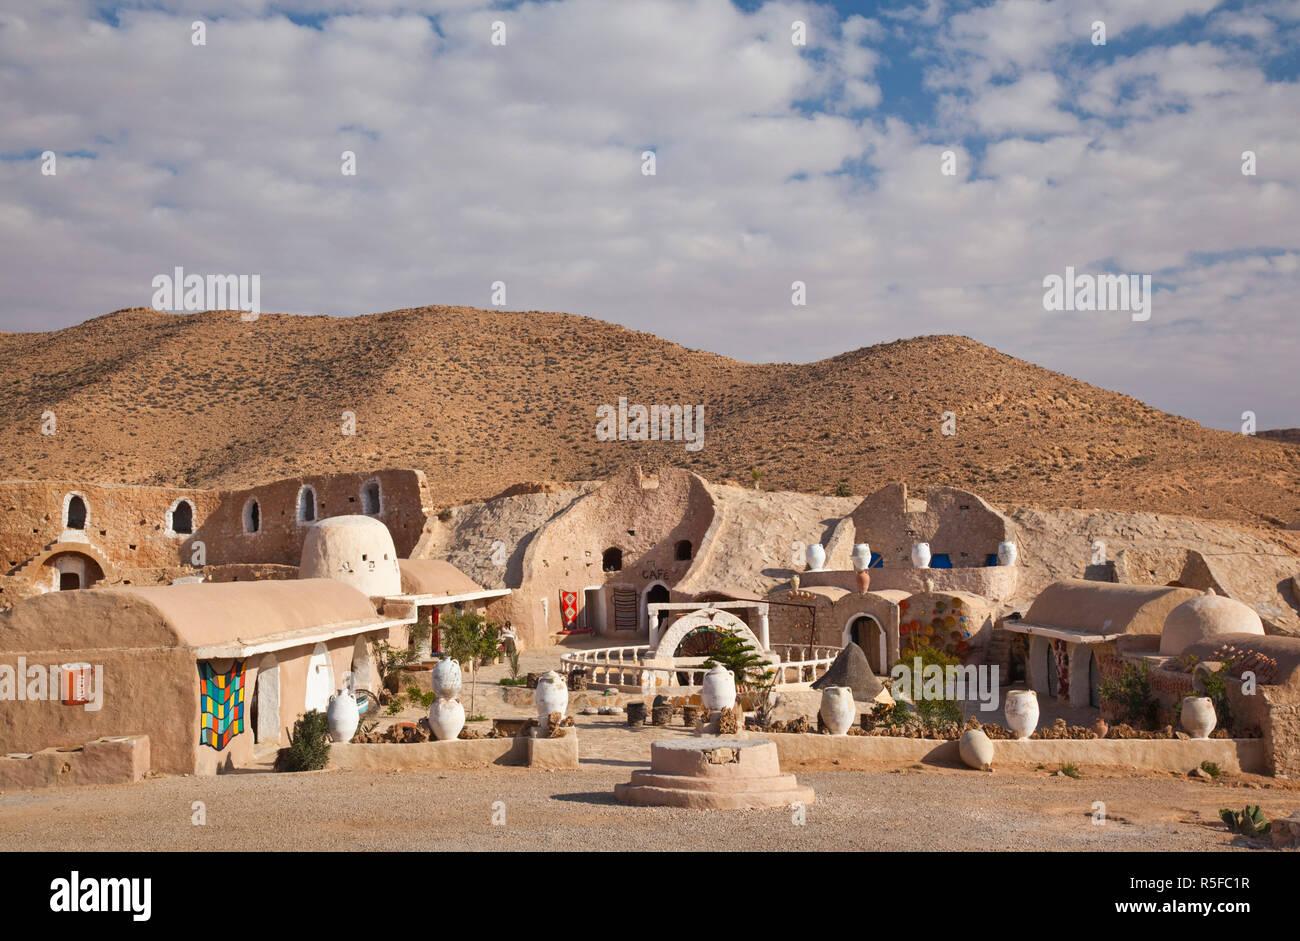 Tunesien, Ksour Bereich, Matmata, Diaramor Museum, Landschaft Stockbild